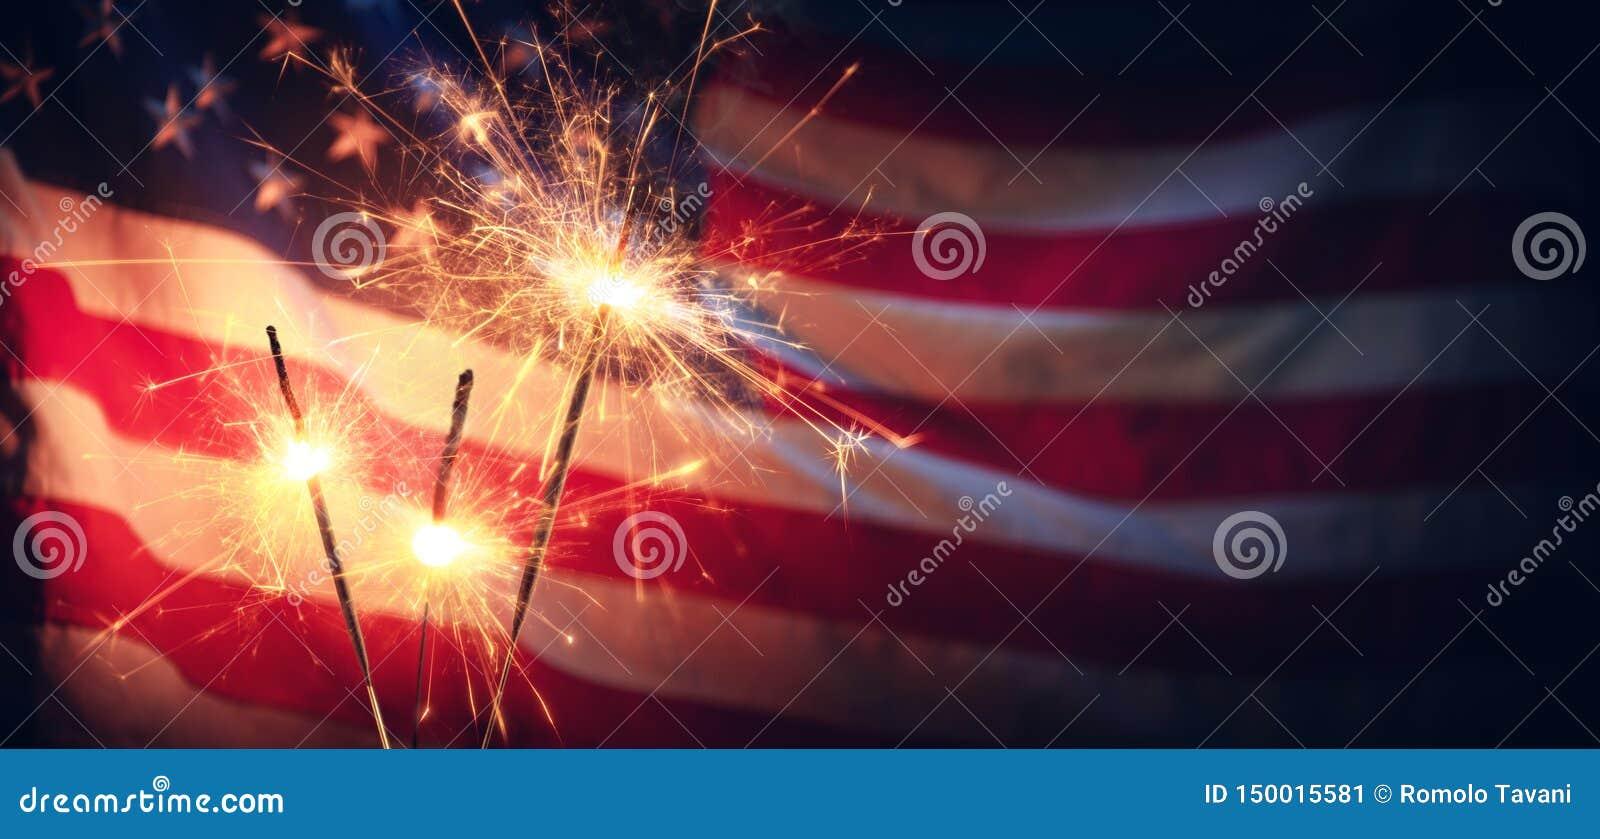 Εκλεκτής ποιότητας εορτασμός με τη αμερικανική σημαία Sparklers και Defocused